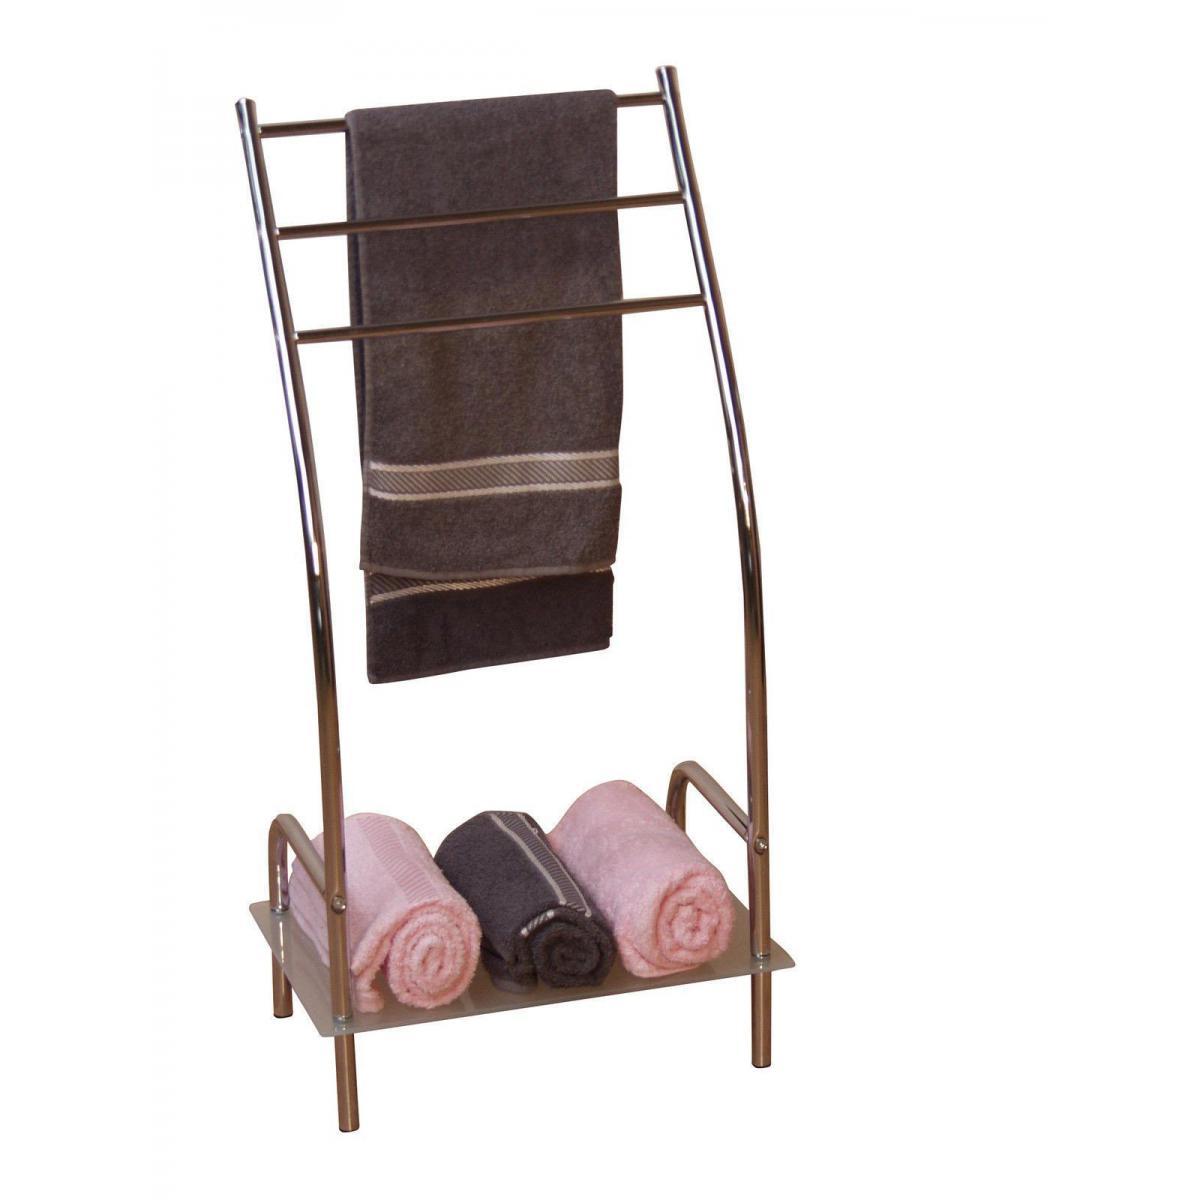 Decoshop26 Porte-serviettes rangement salle de bain étagère en acier chromé SDB05001